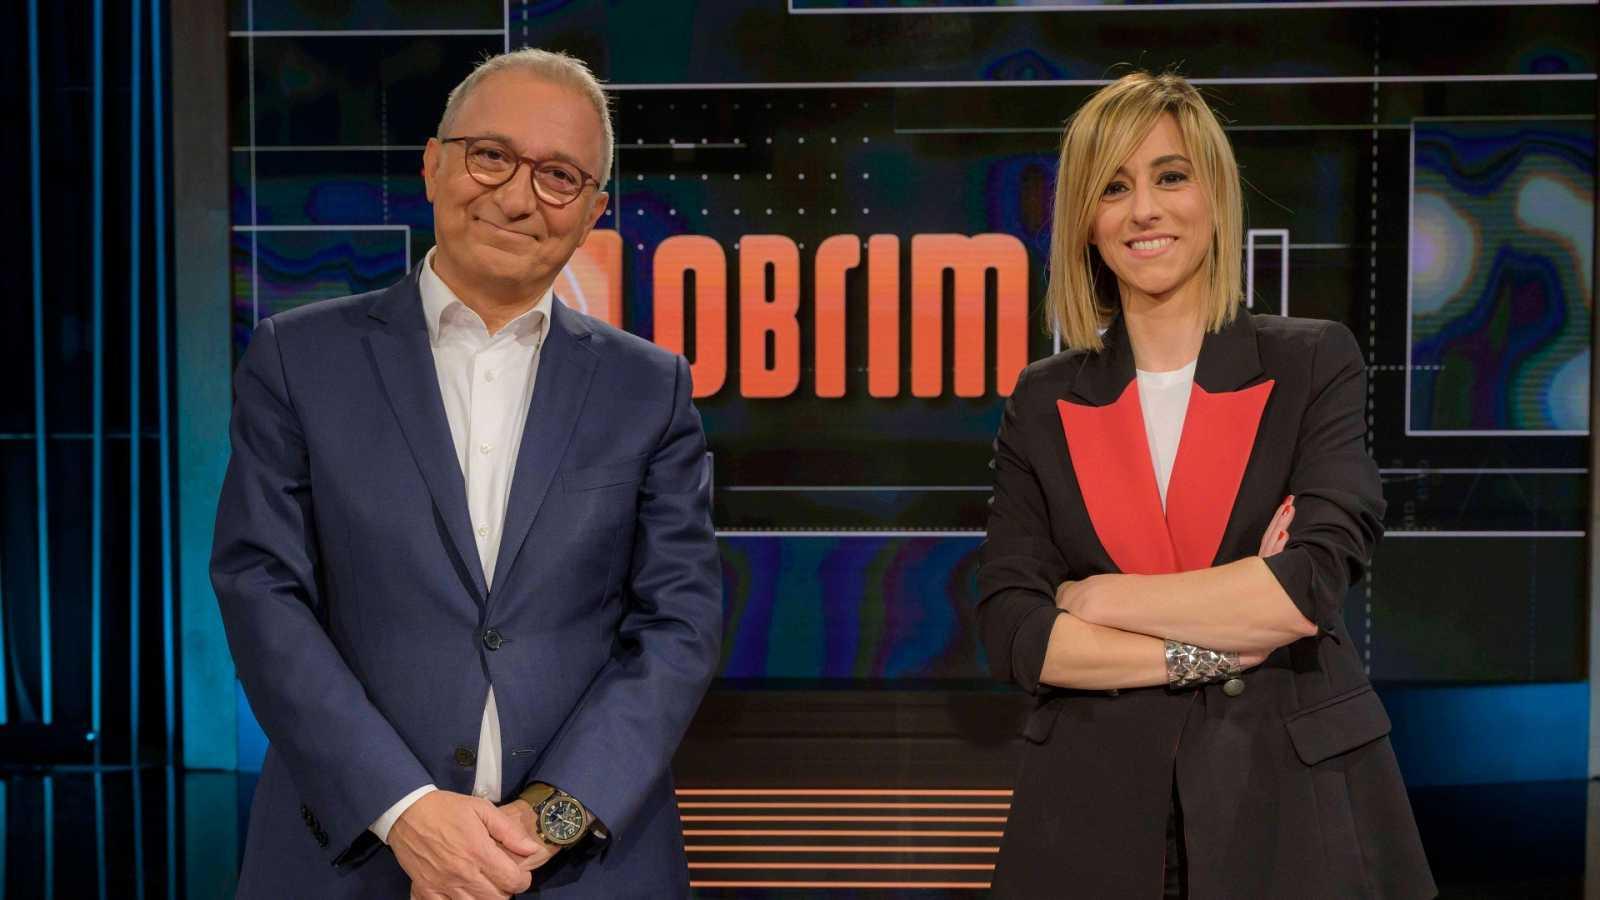 Xavier Sardà i Ana Boadas al plató del programa 'Obrim fil'